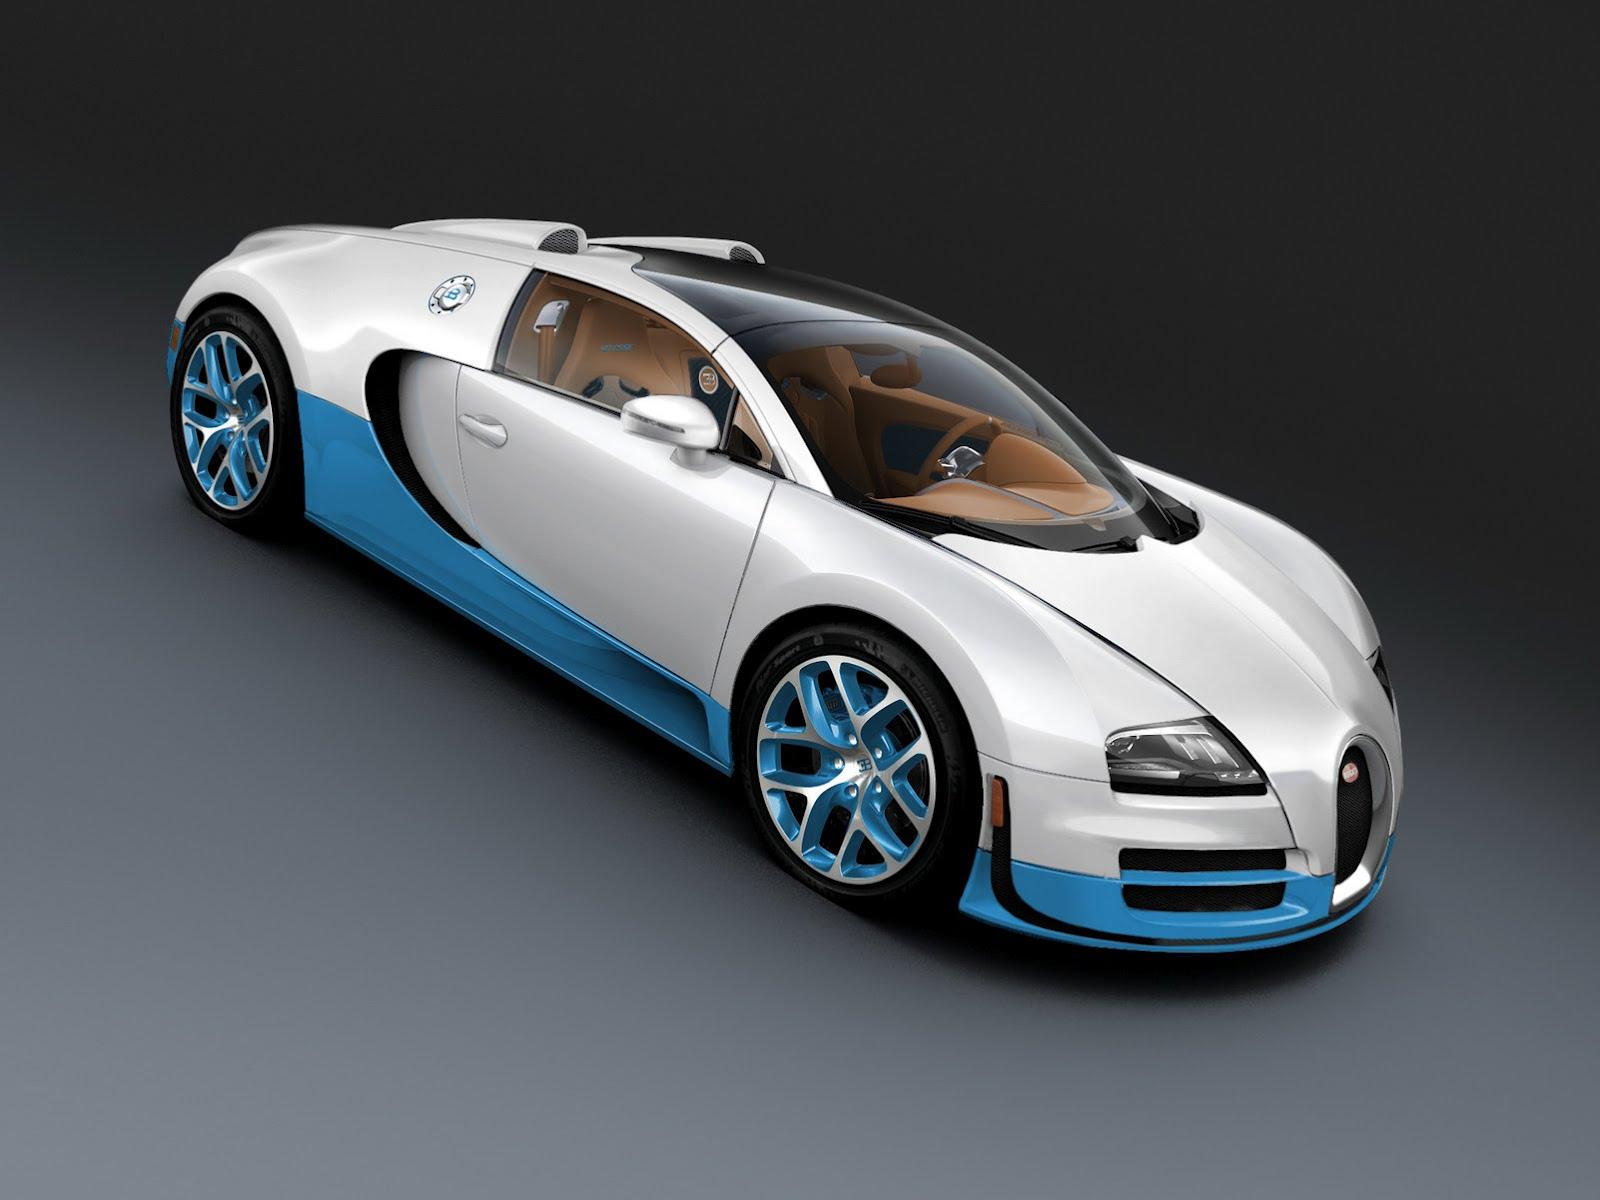 bugatti-veyron-grand-sport-vitesse-se-1 Remarkable Bugatti Veyron Grand Sport 2015 Price Cars Trend